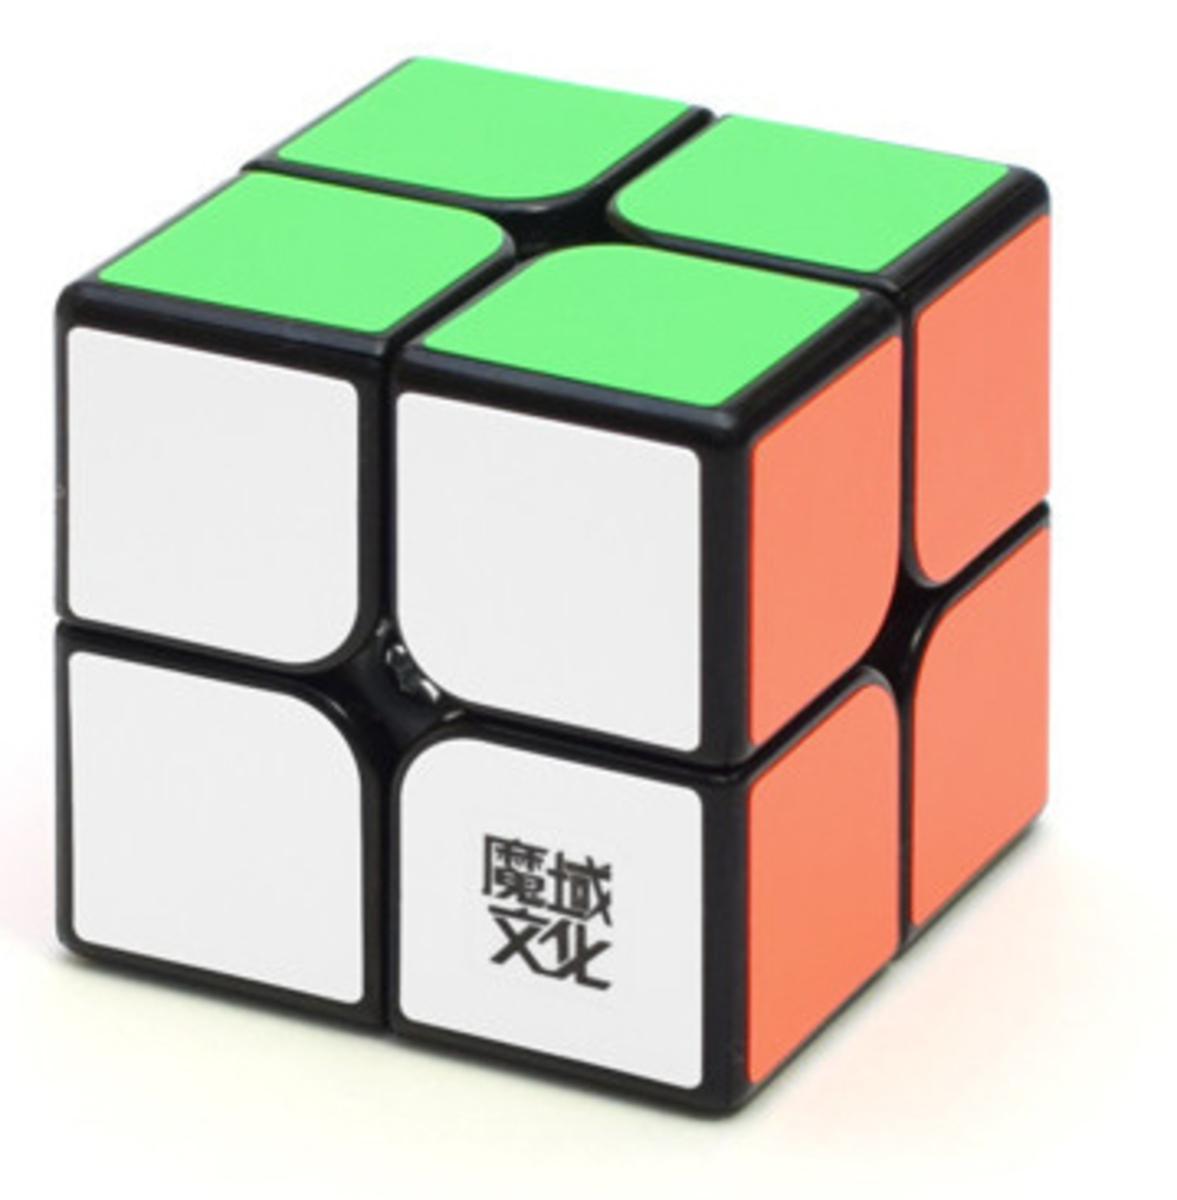 2x2x2 Moyu Weipo